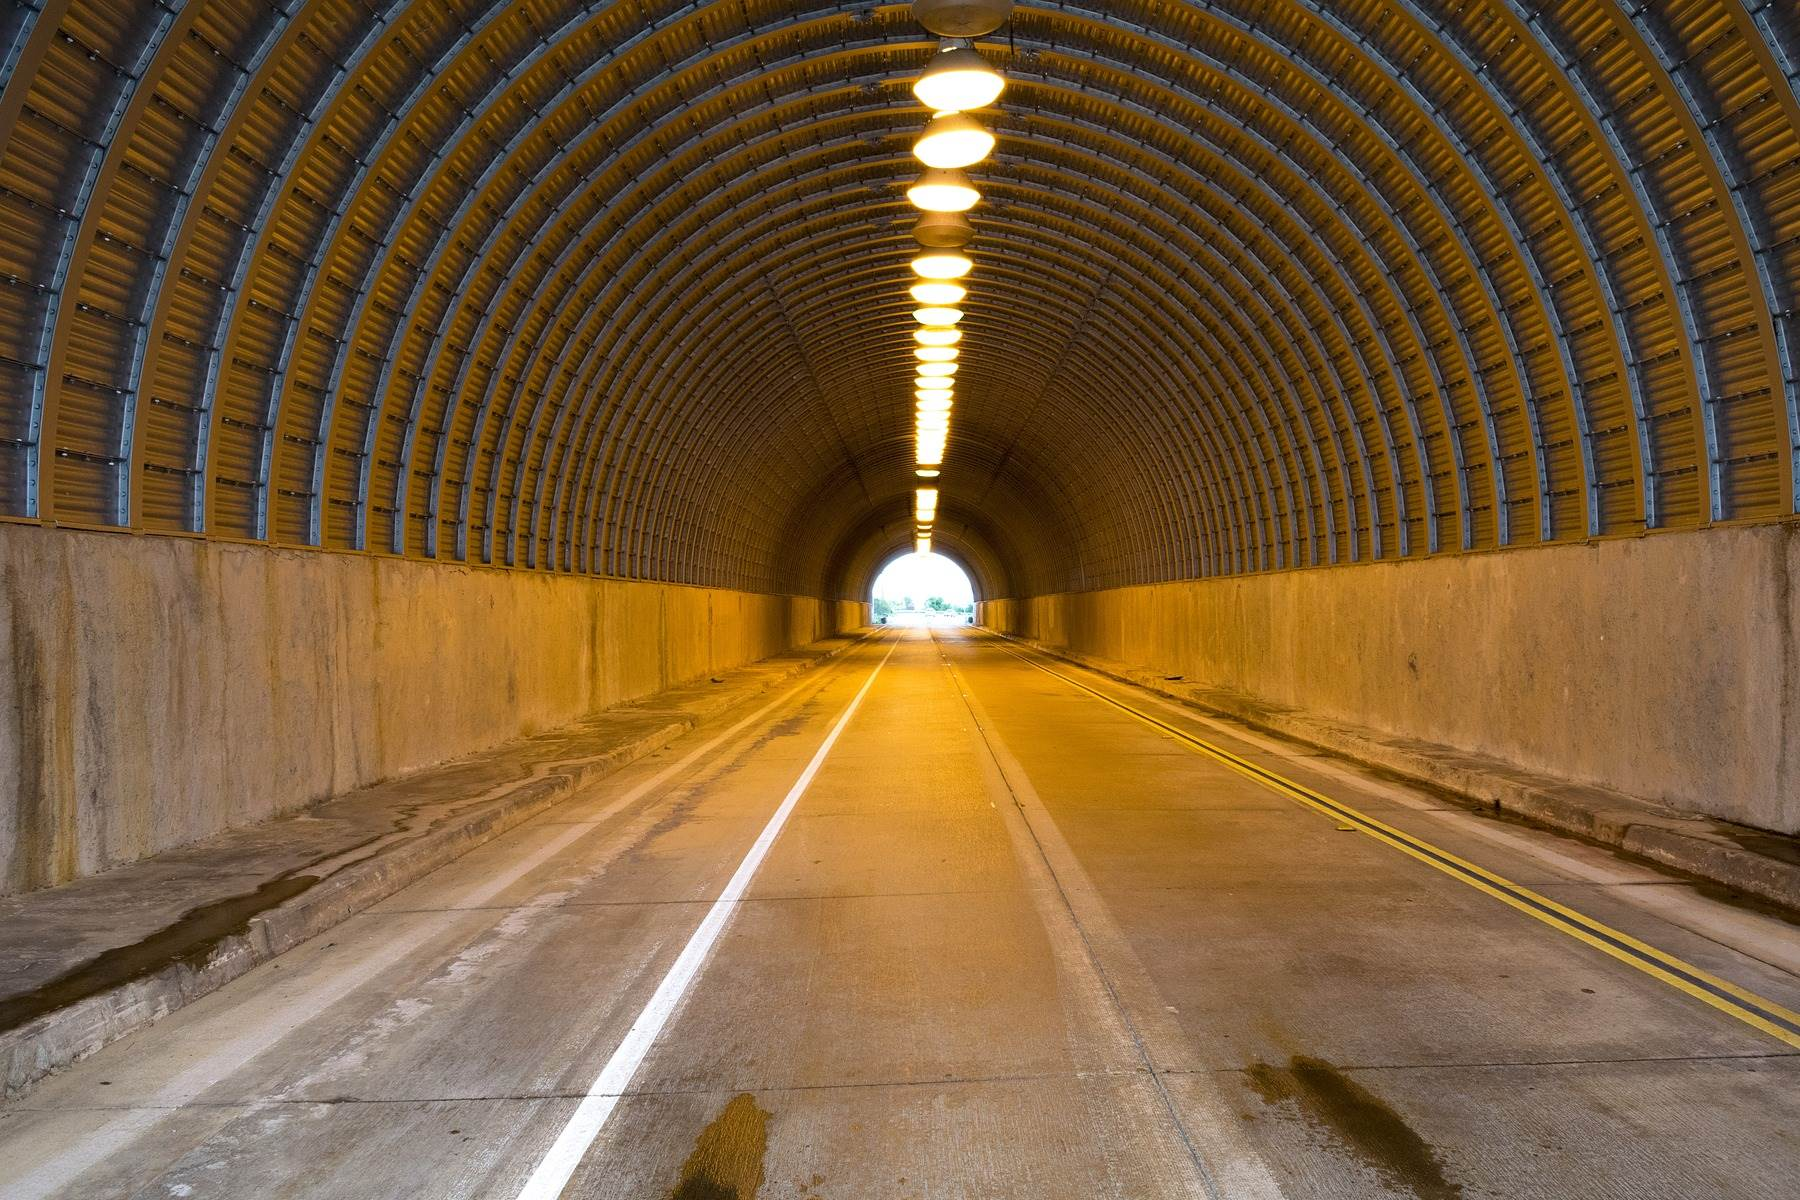 Beschlussantrag | Untertunnelung Latschander | Angenommen✅